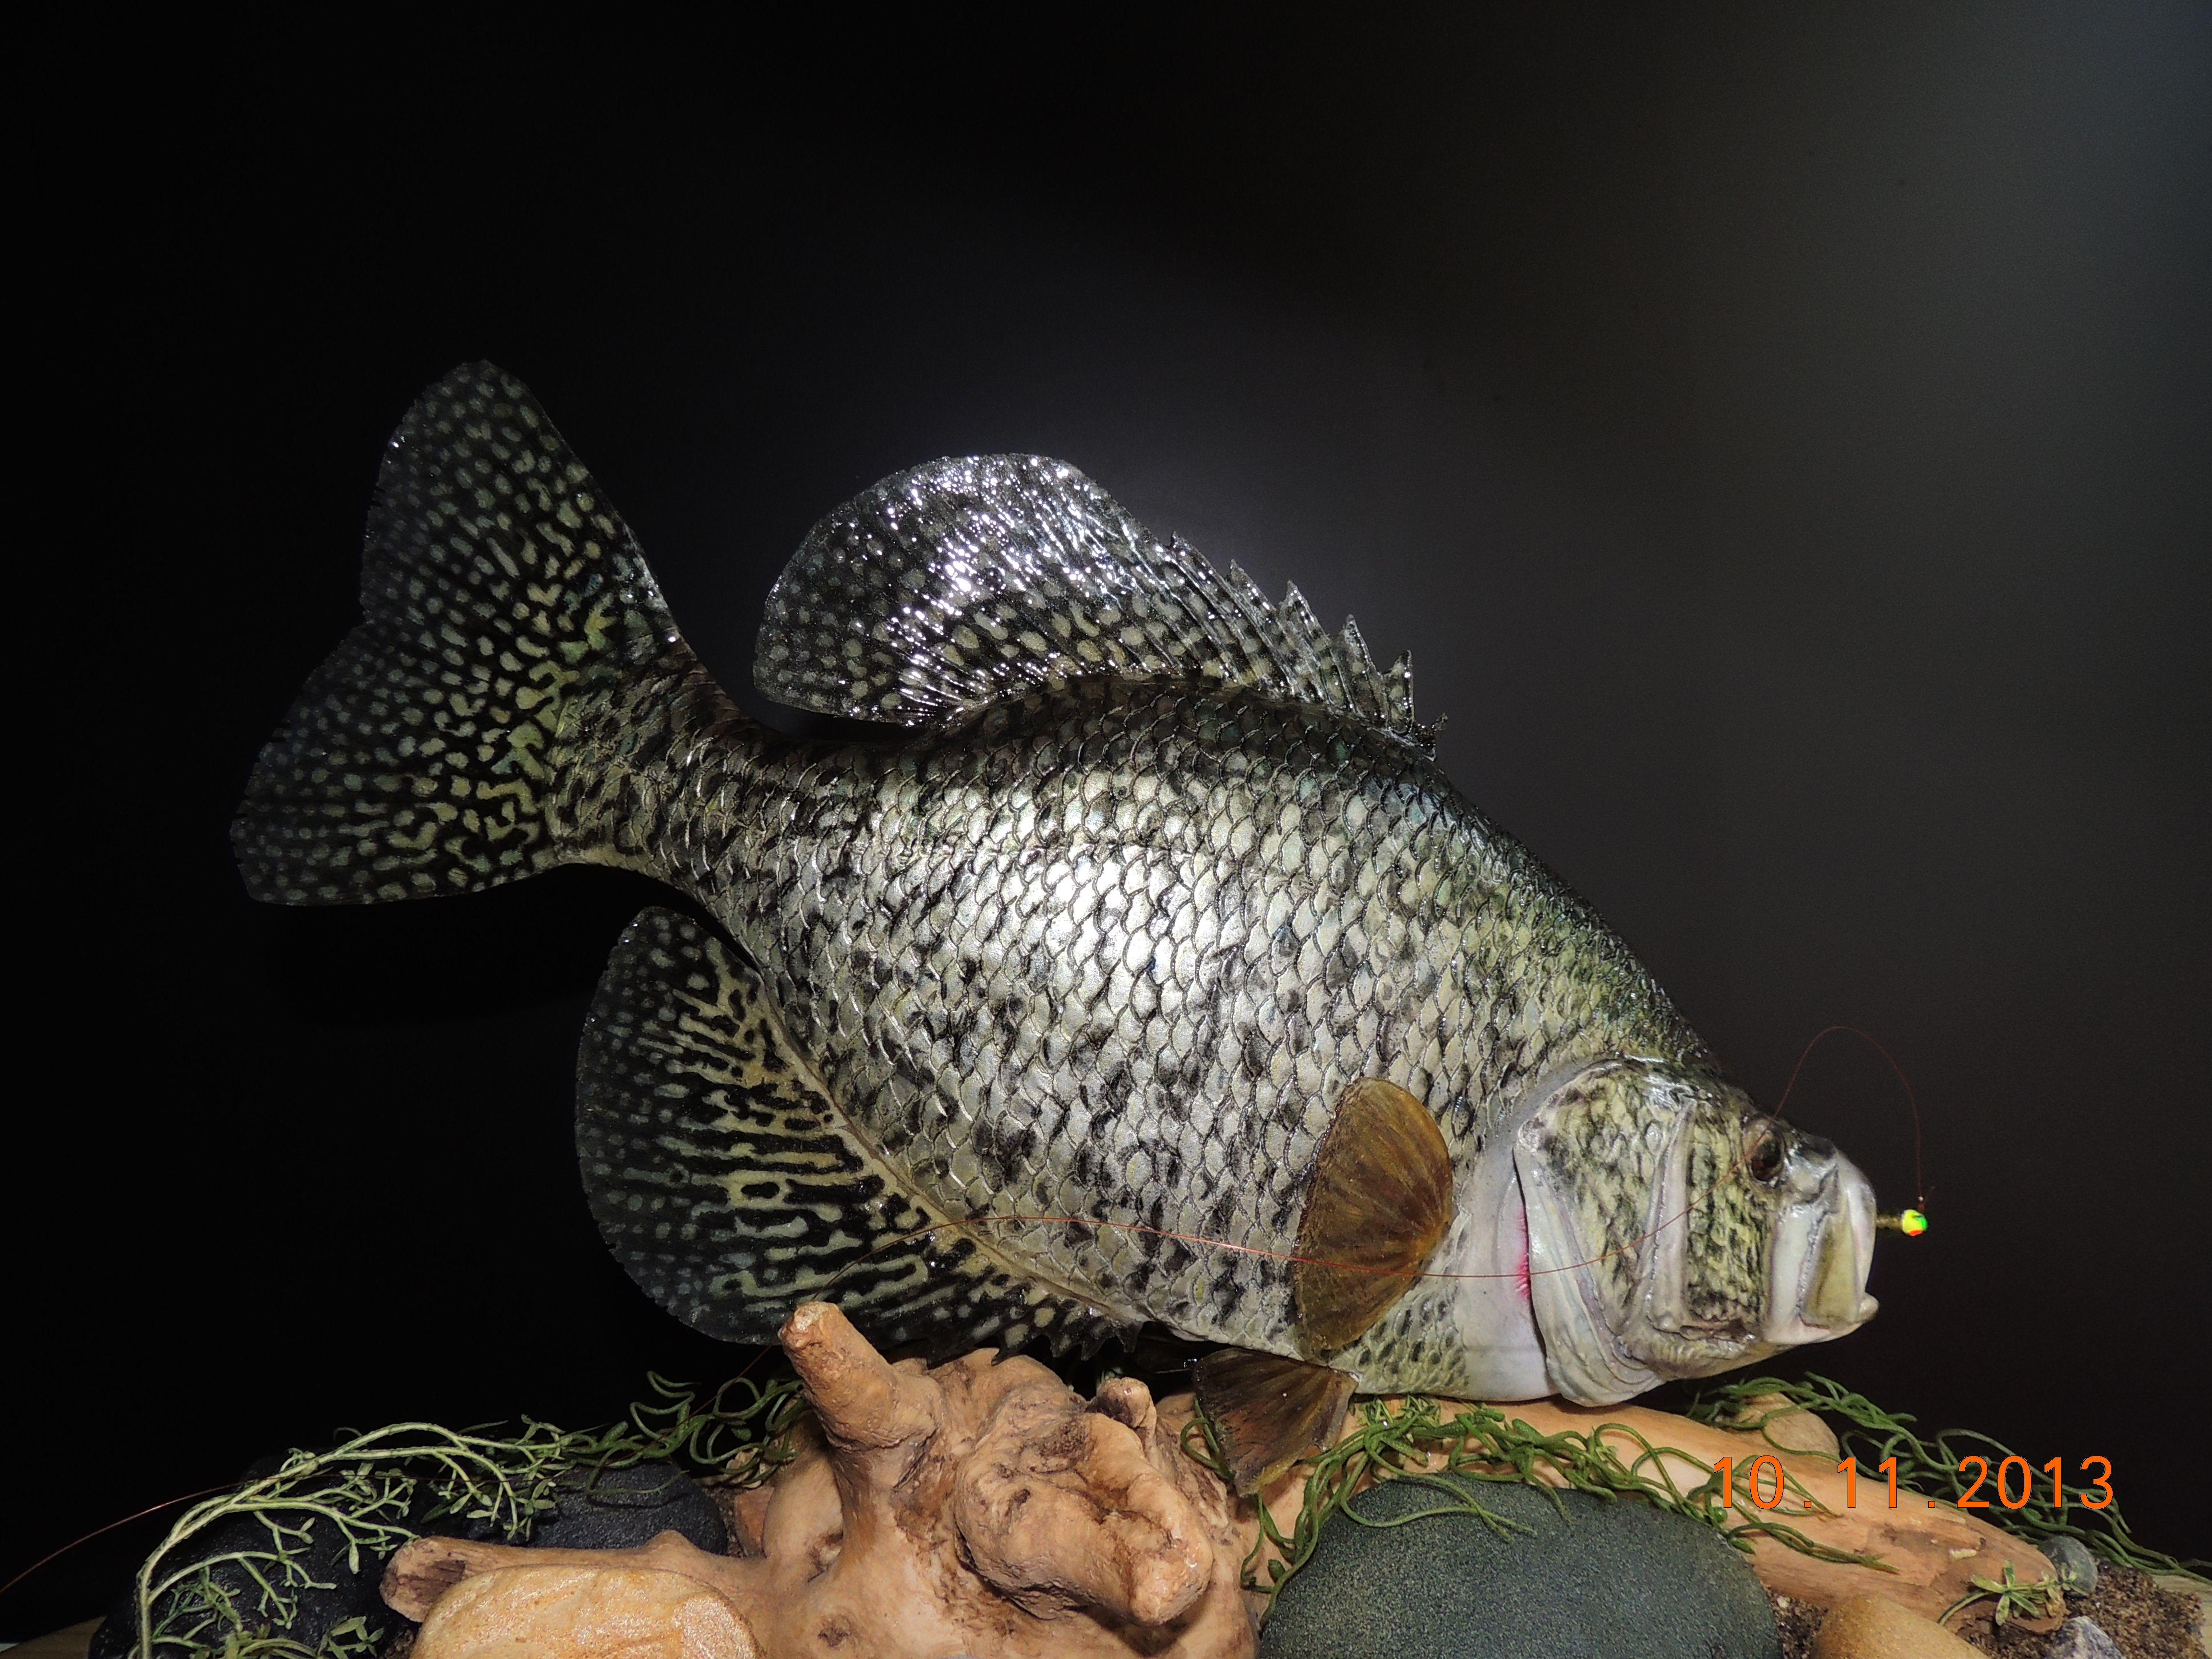 Fish mount fish replica taxidermy home d cor black for Replica fish mounts